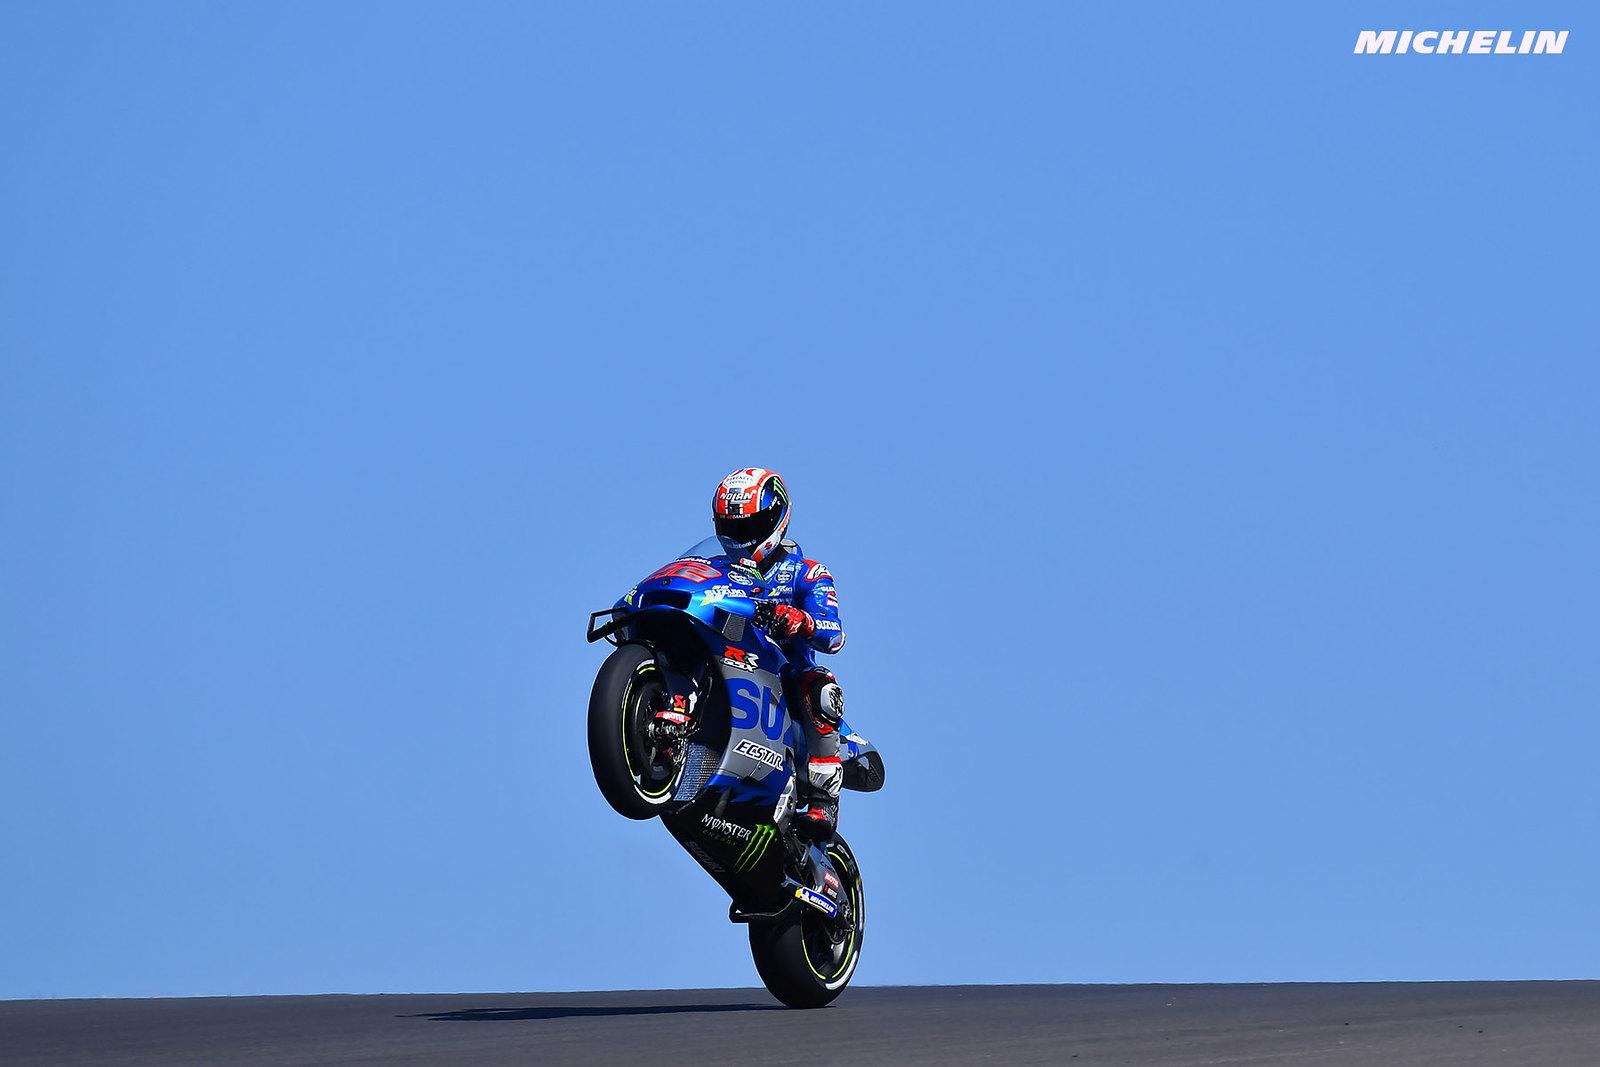 MotoGP2021 ポルトガルGP 予選2位アレックス・リンス「フロントローを獲得出来たのは大きい」